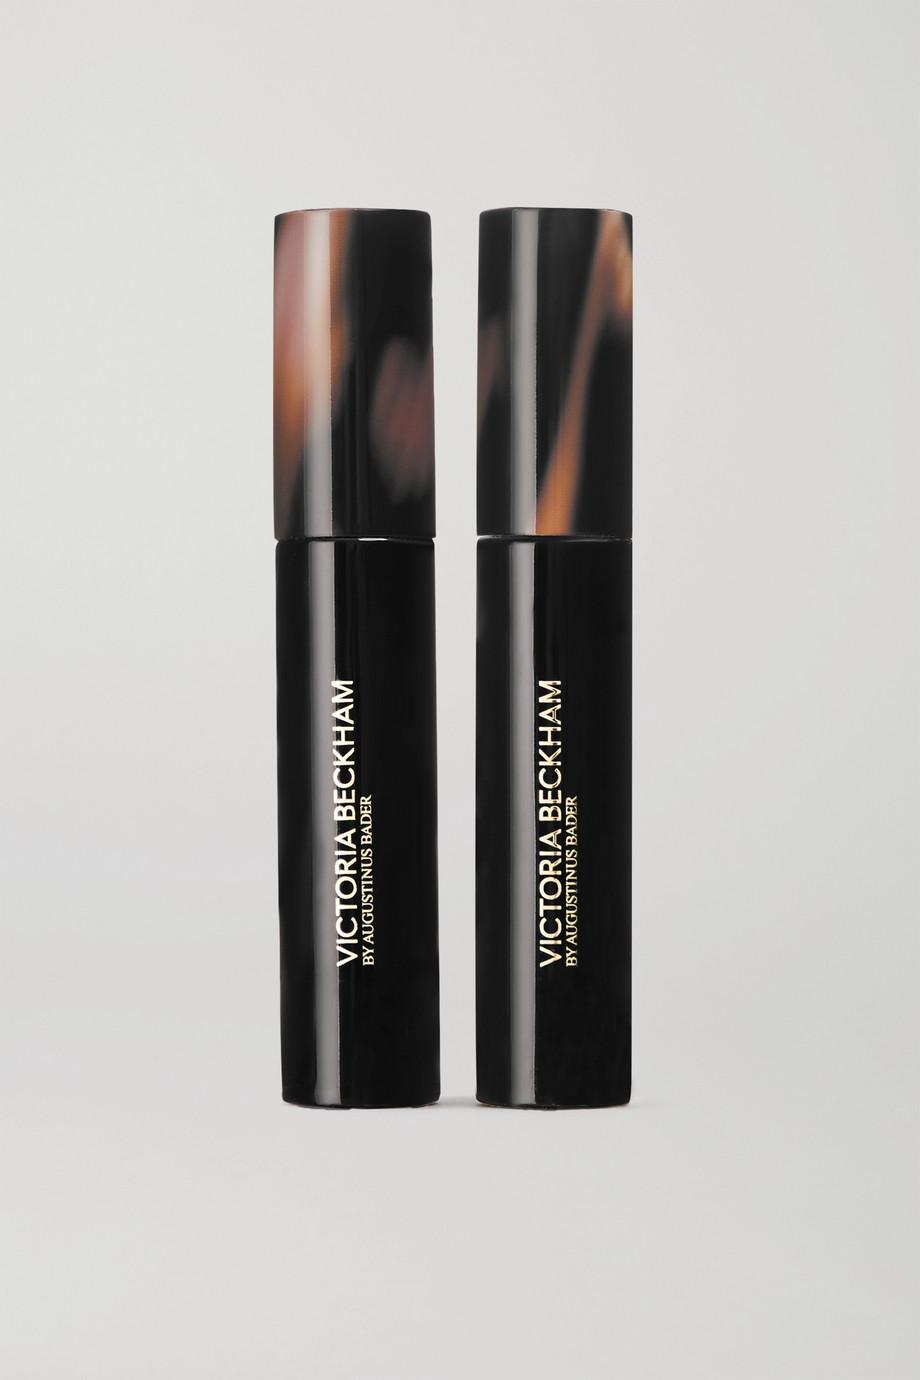 Victoria Beckham Beauty Victoria Beckham by Augustinus Bader Cell Rejuvenating Priming Moisturizer Starter Set